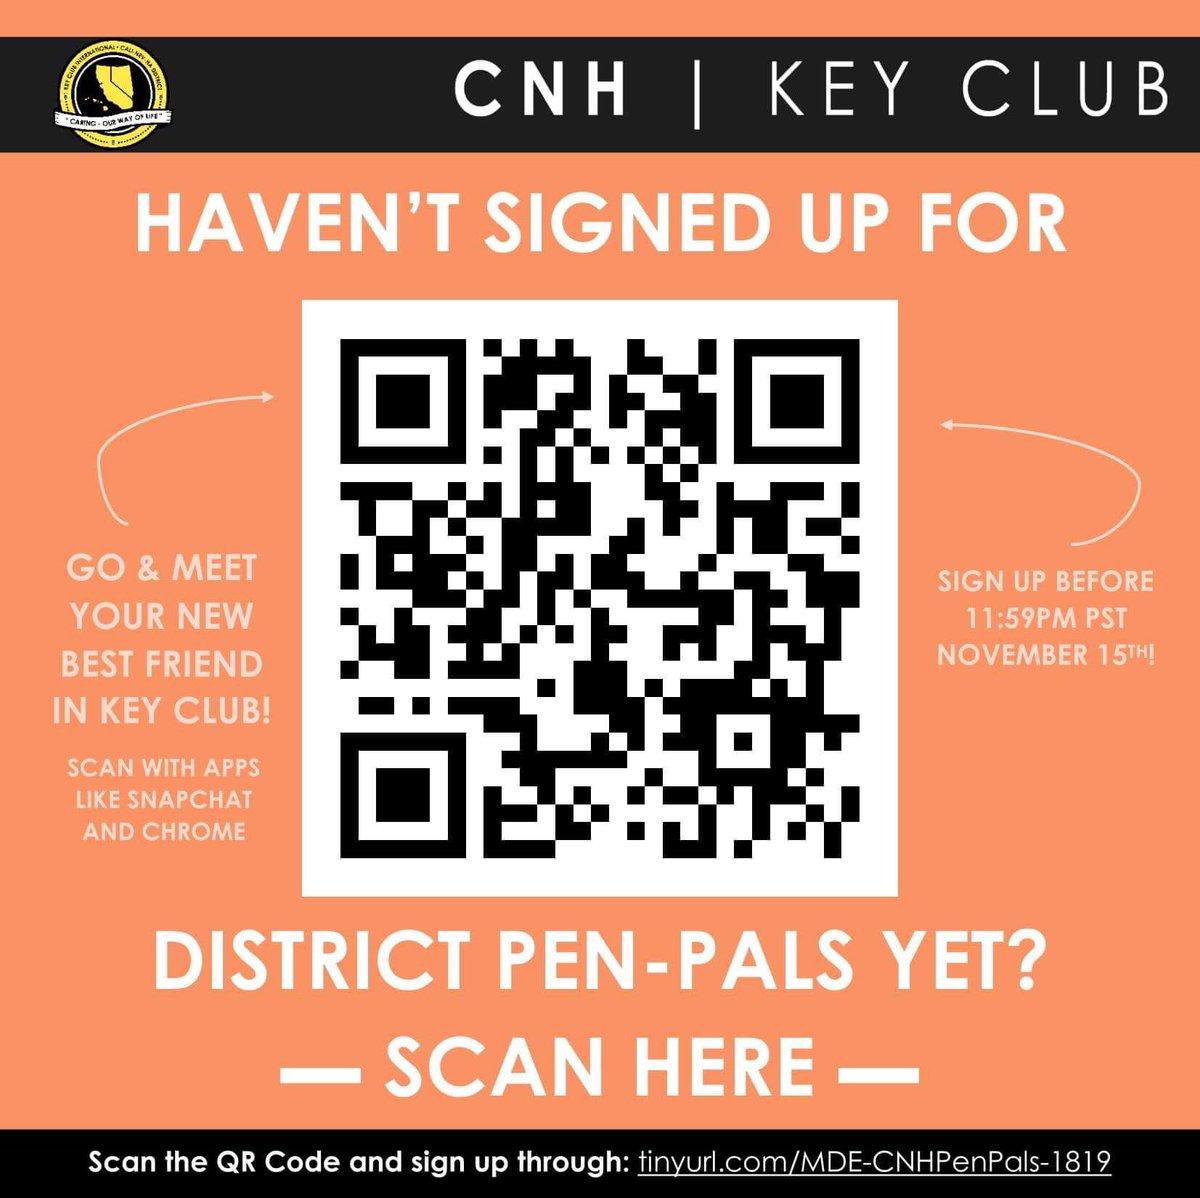 CNH Key Club (@CNHKeyClub) | Twitter